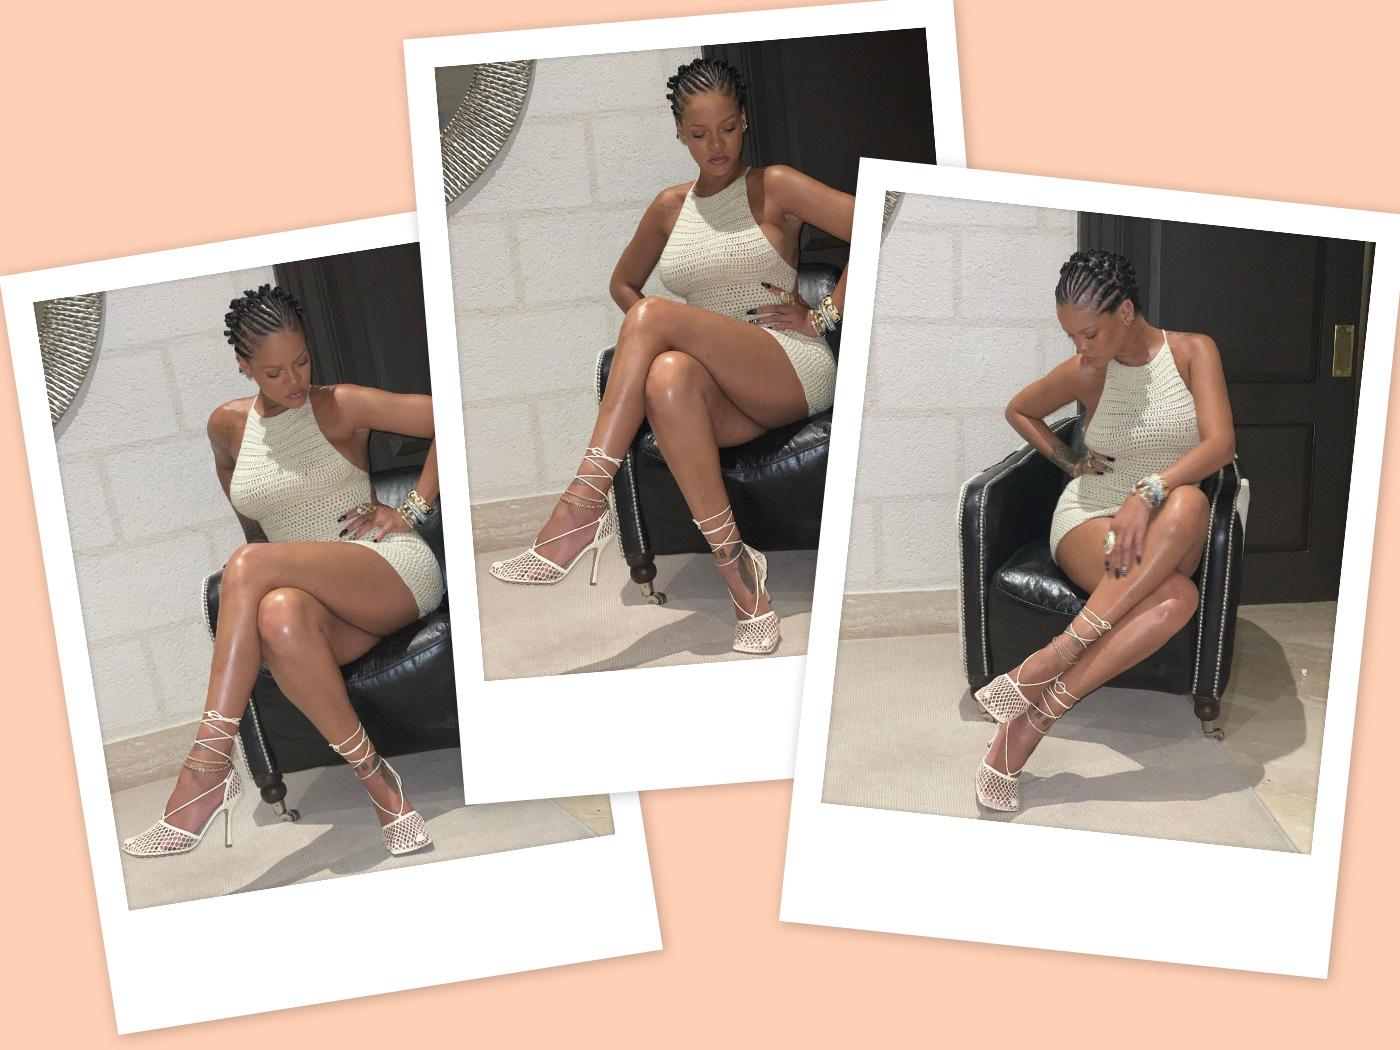 Αυτά τα προϊόντα θα σου δώσουν τα λαμπερά πόδια της Rihanna όλο το καλοκαίρι